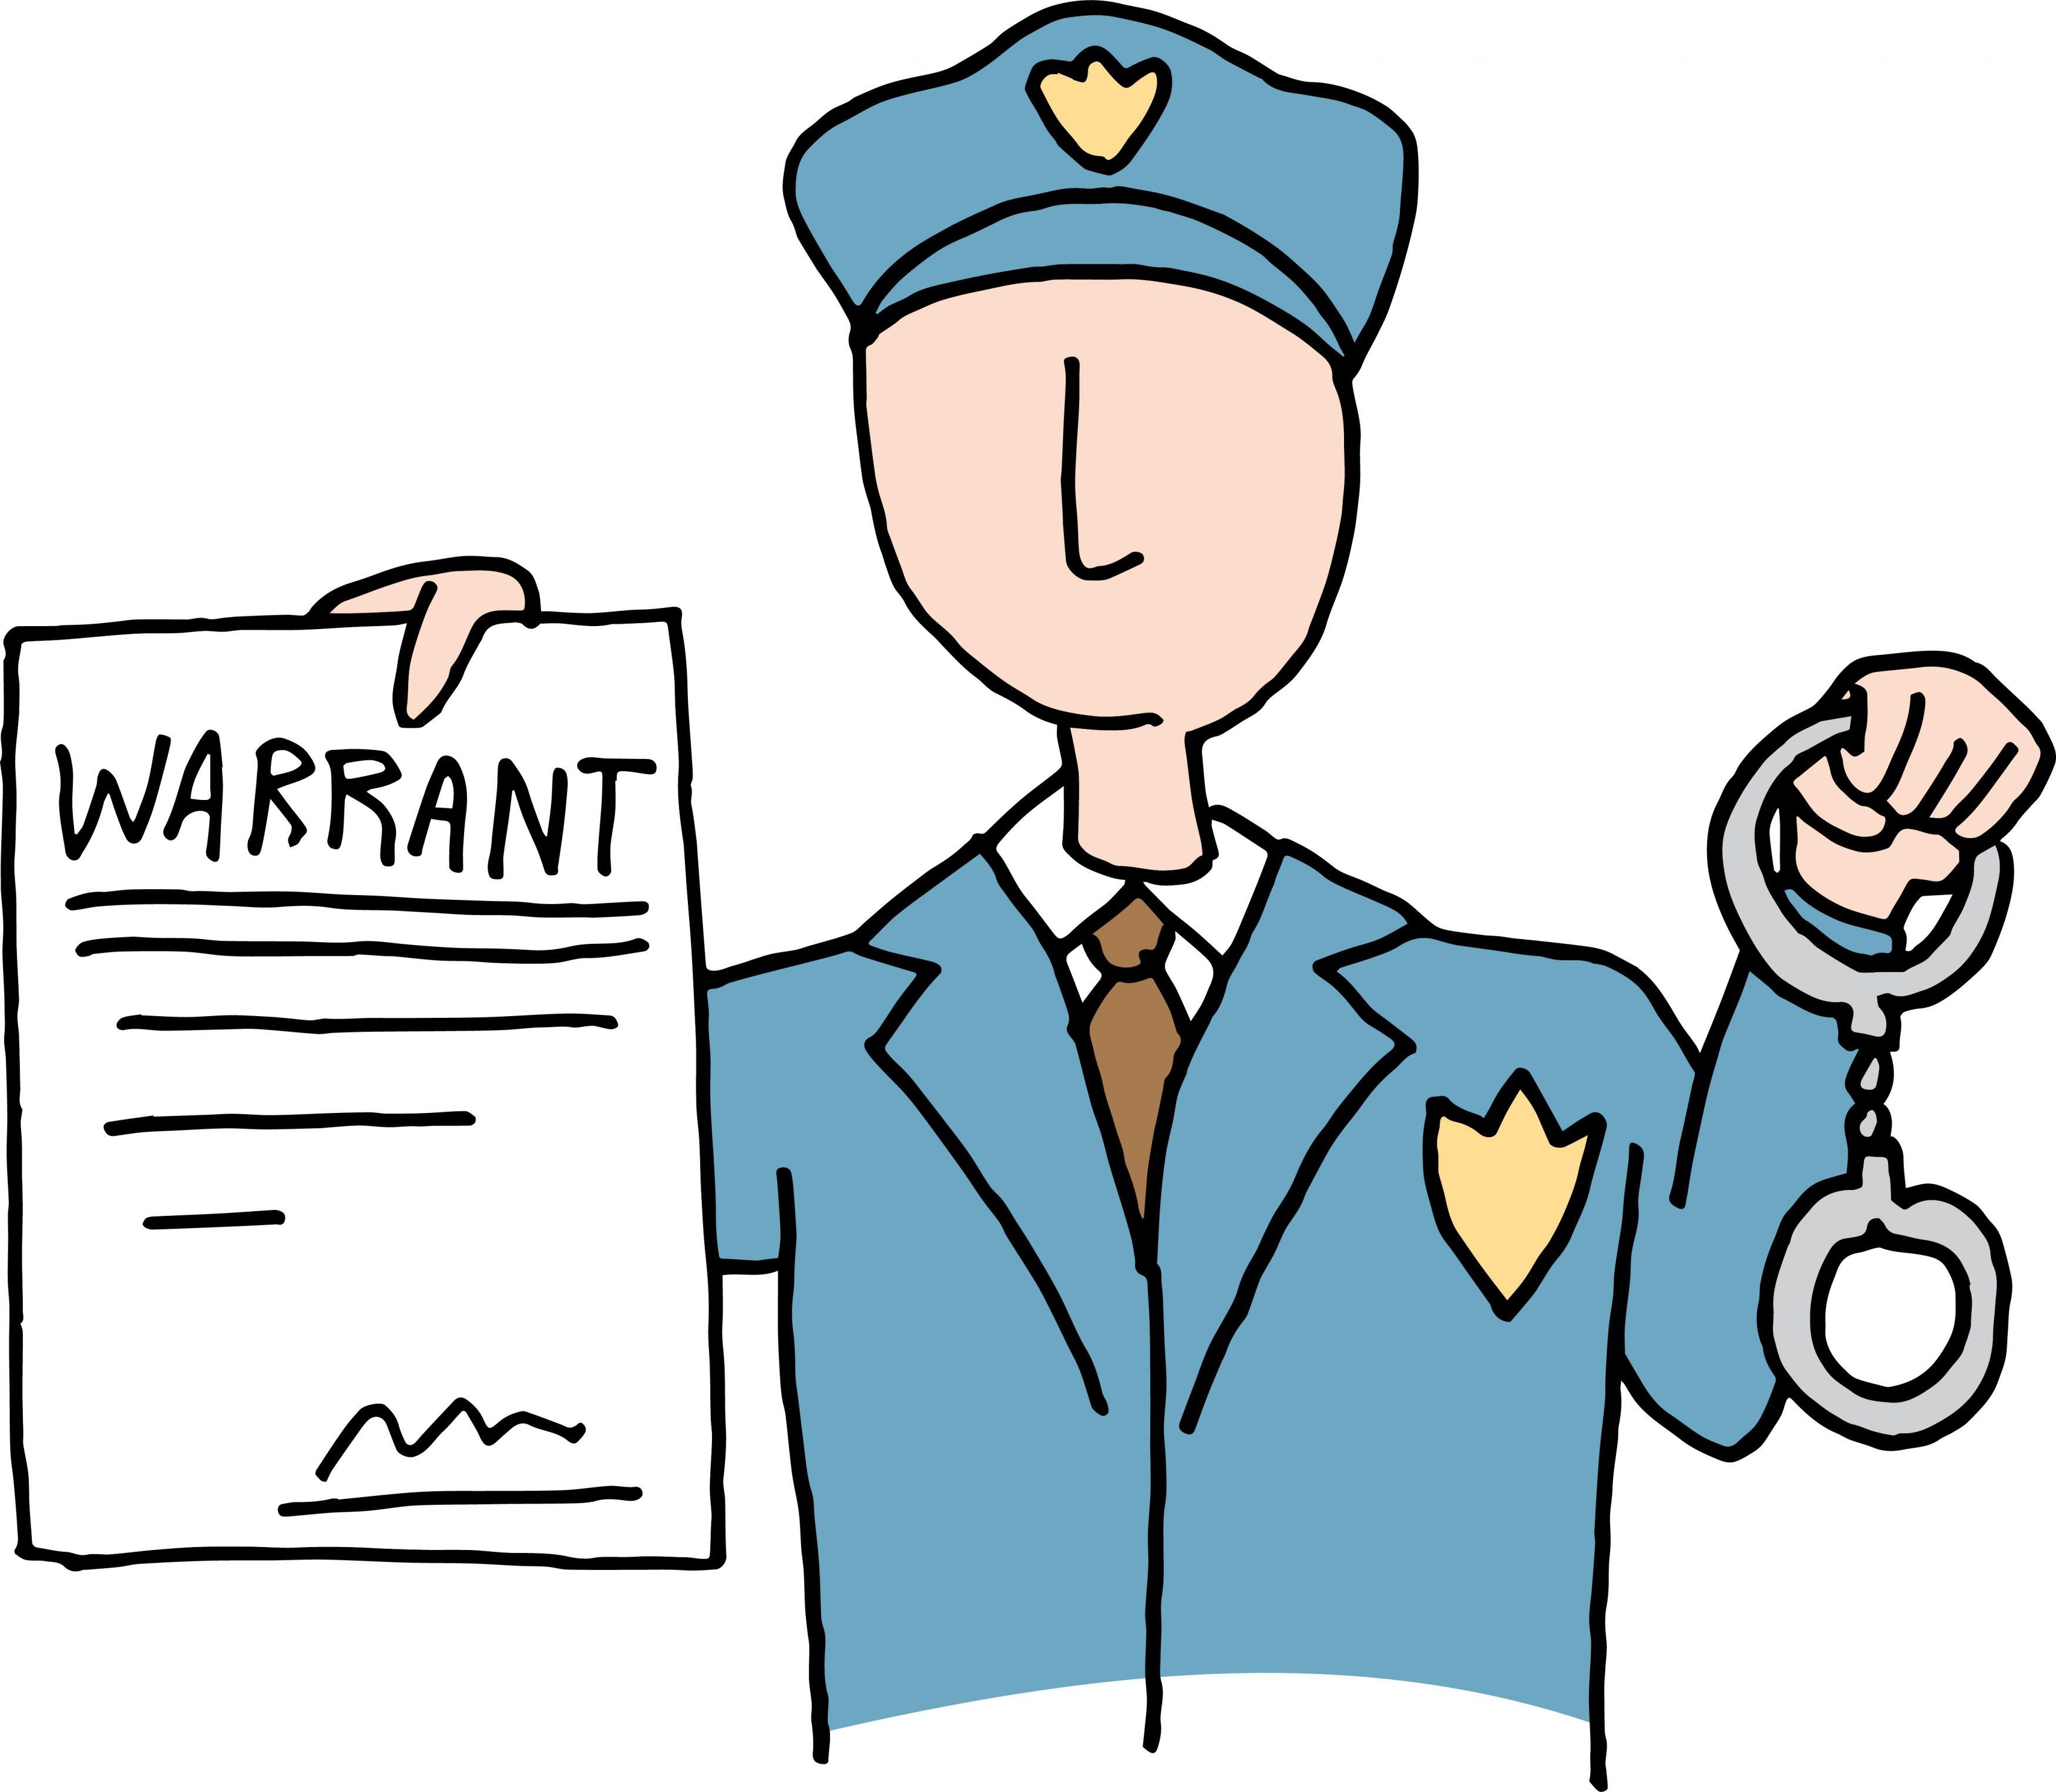 Police wit warrant